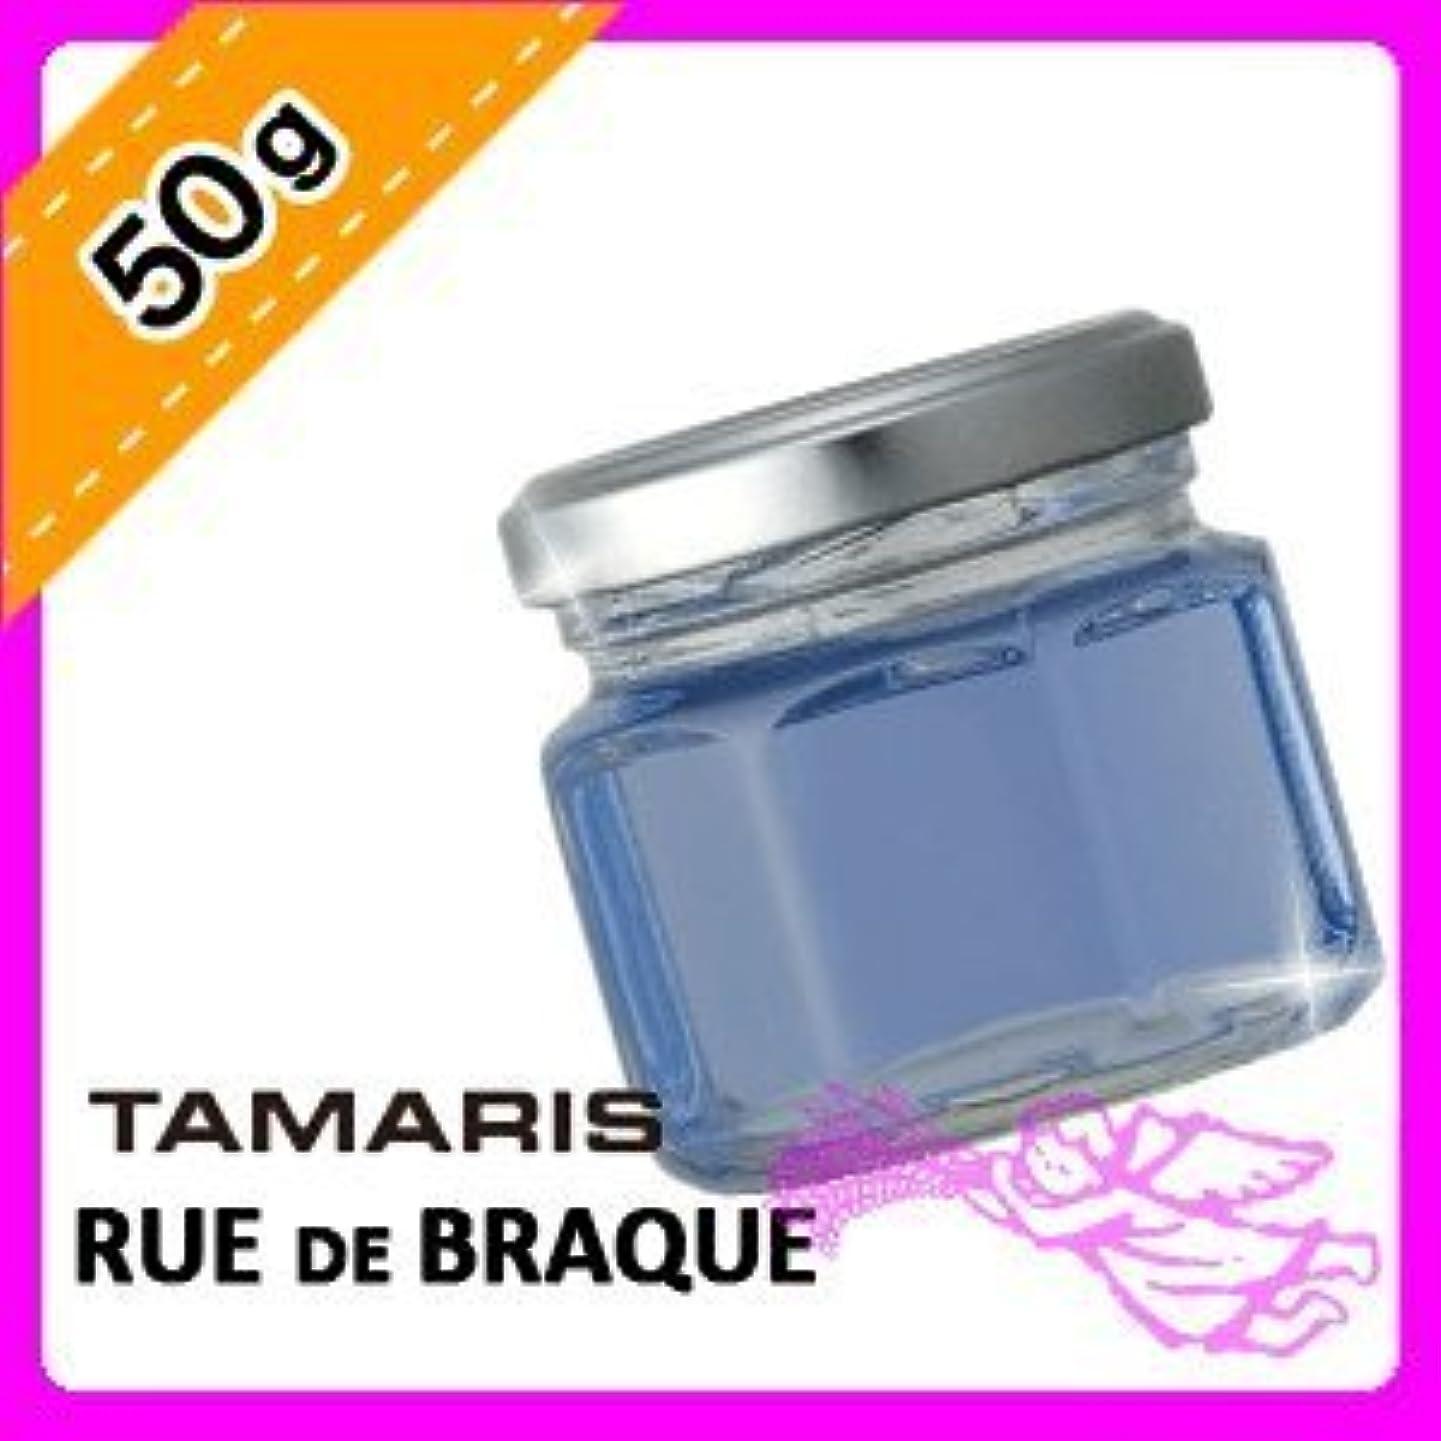 綺麗な仮説簡略化するタマリス ルードブラック ソリッドグリース 50g TAMARIS RUE DE BRAQUE